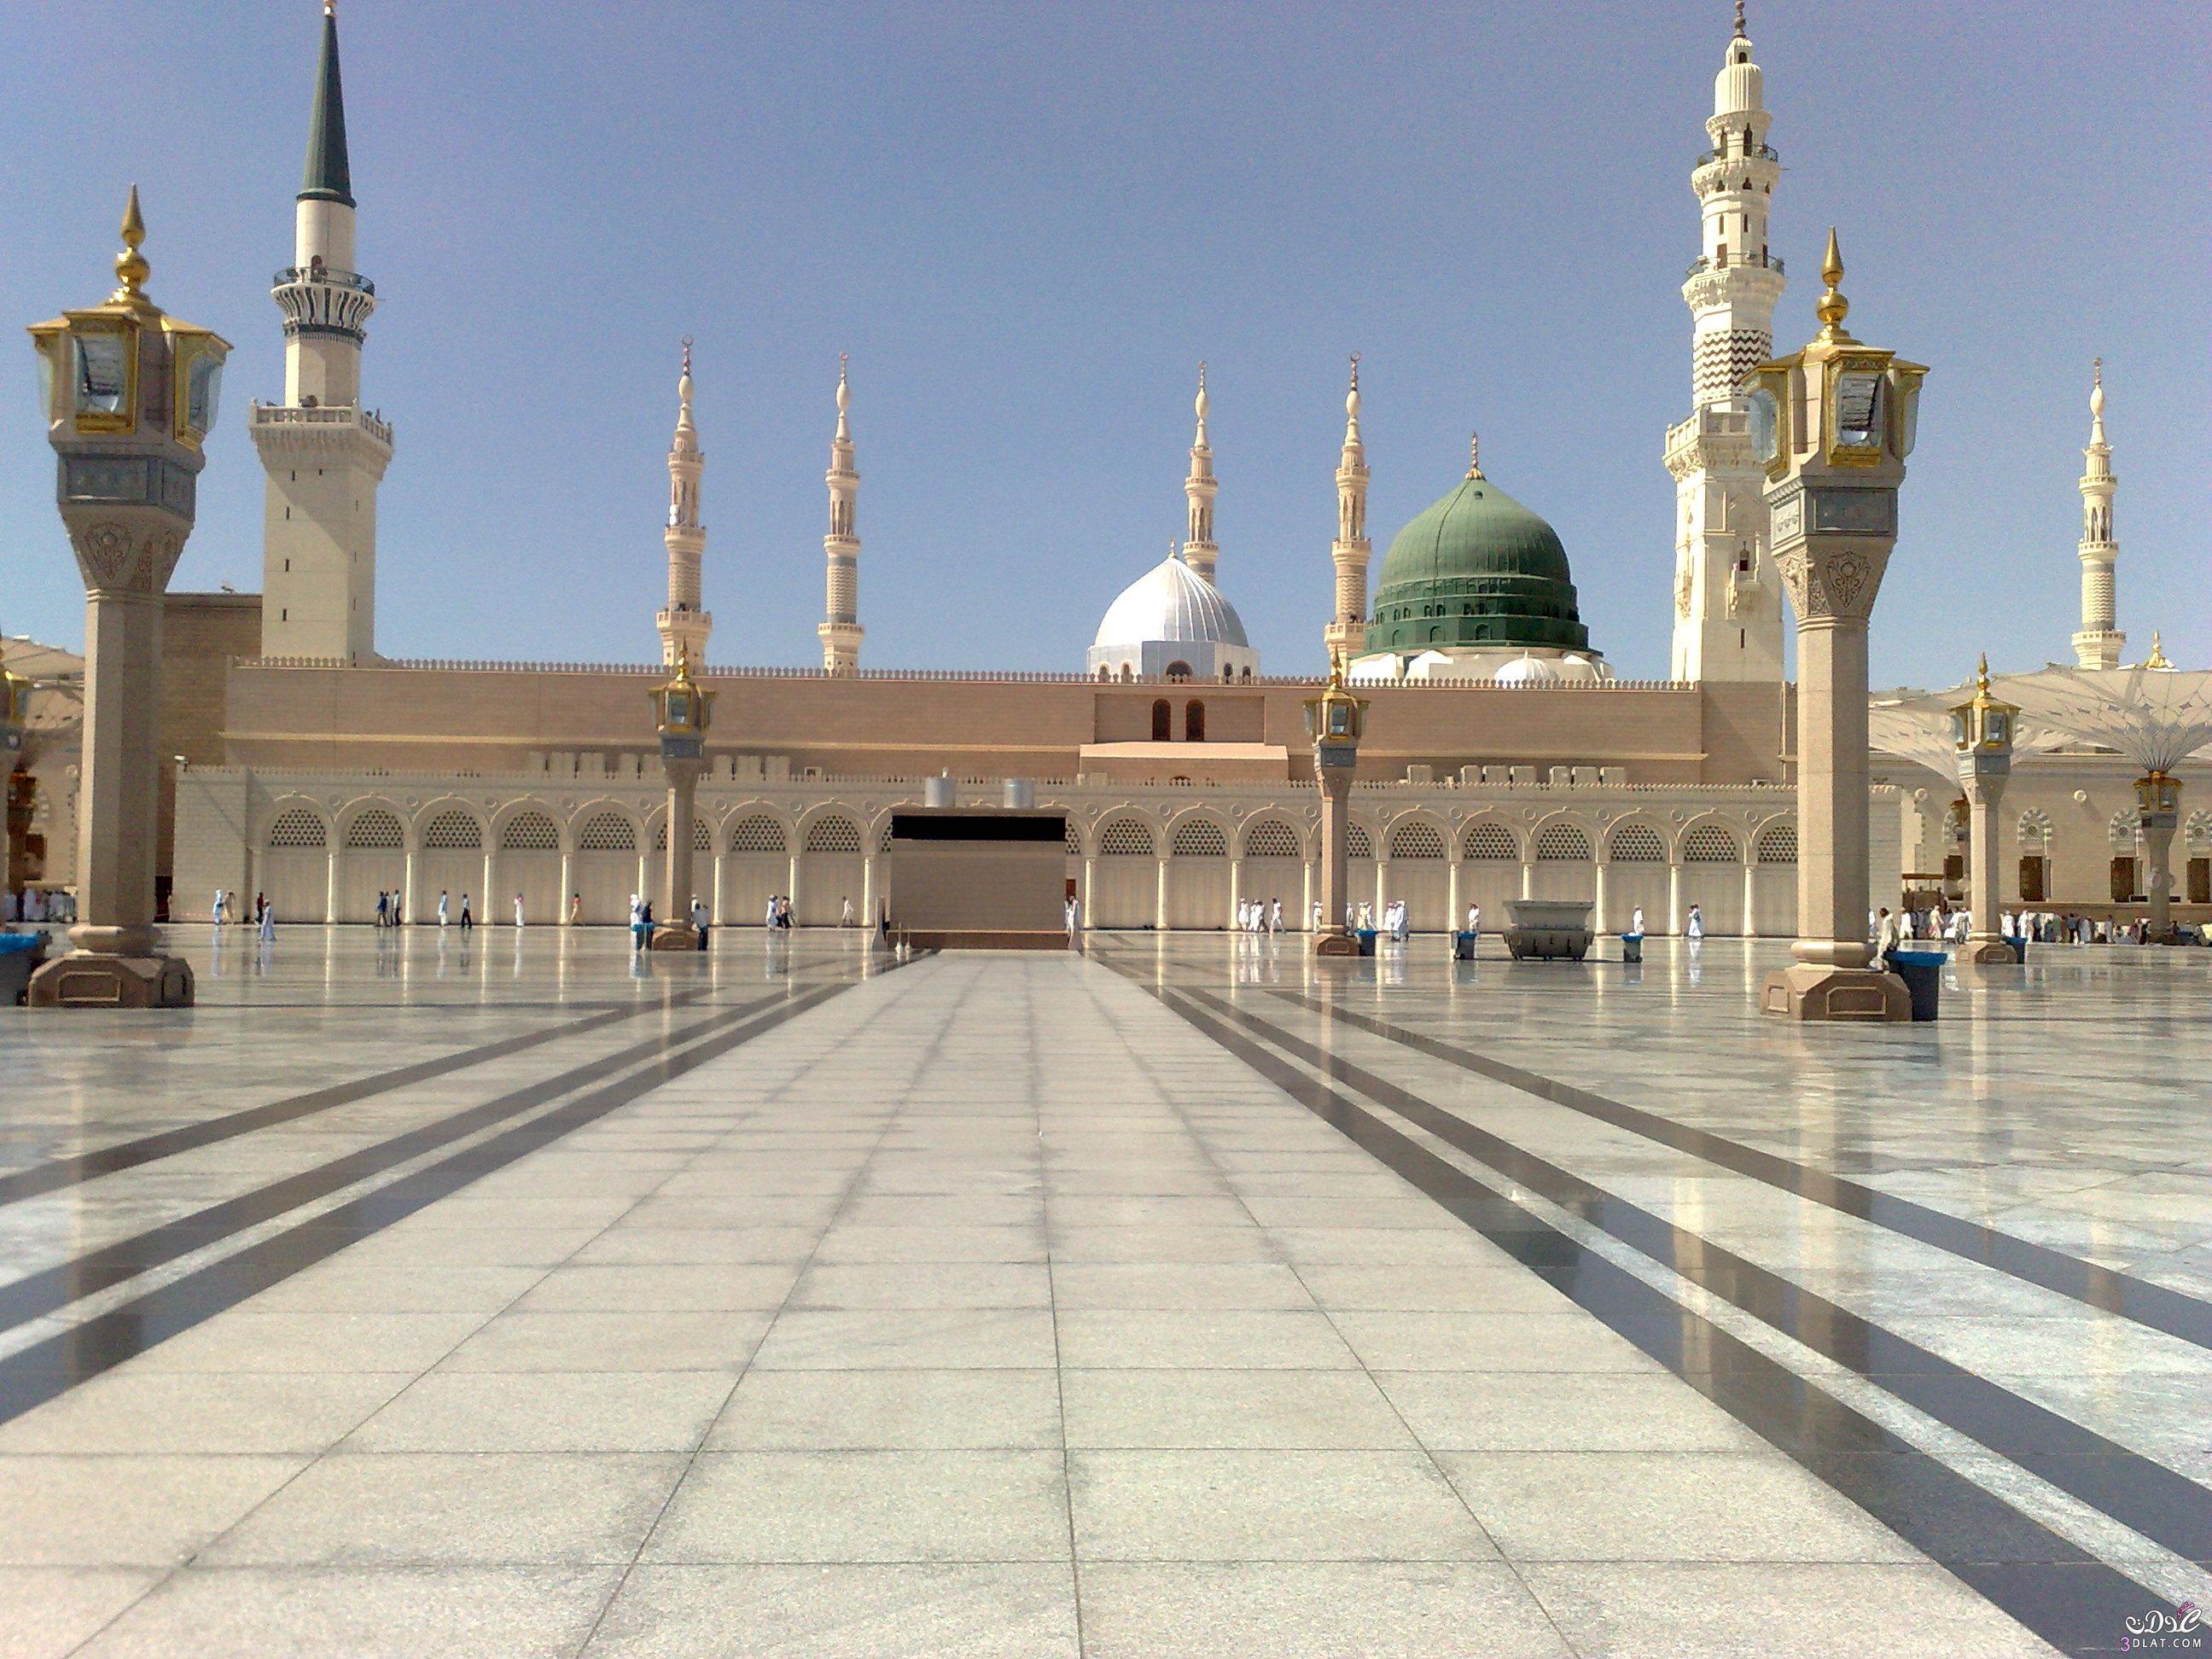 صورة المدينة المنورة اجمل الصور لاجمل مكان محبه لله